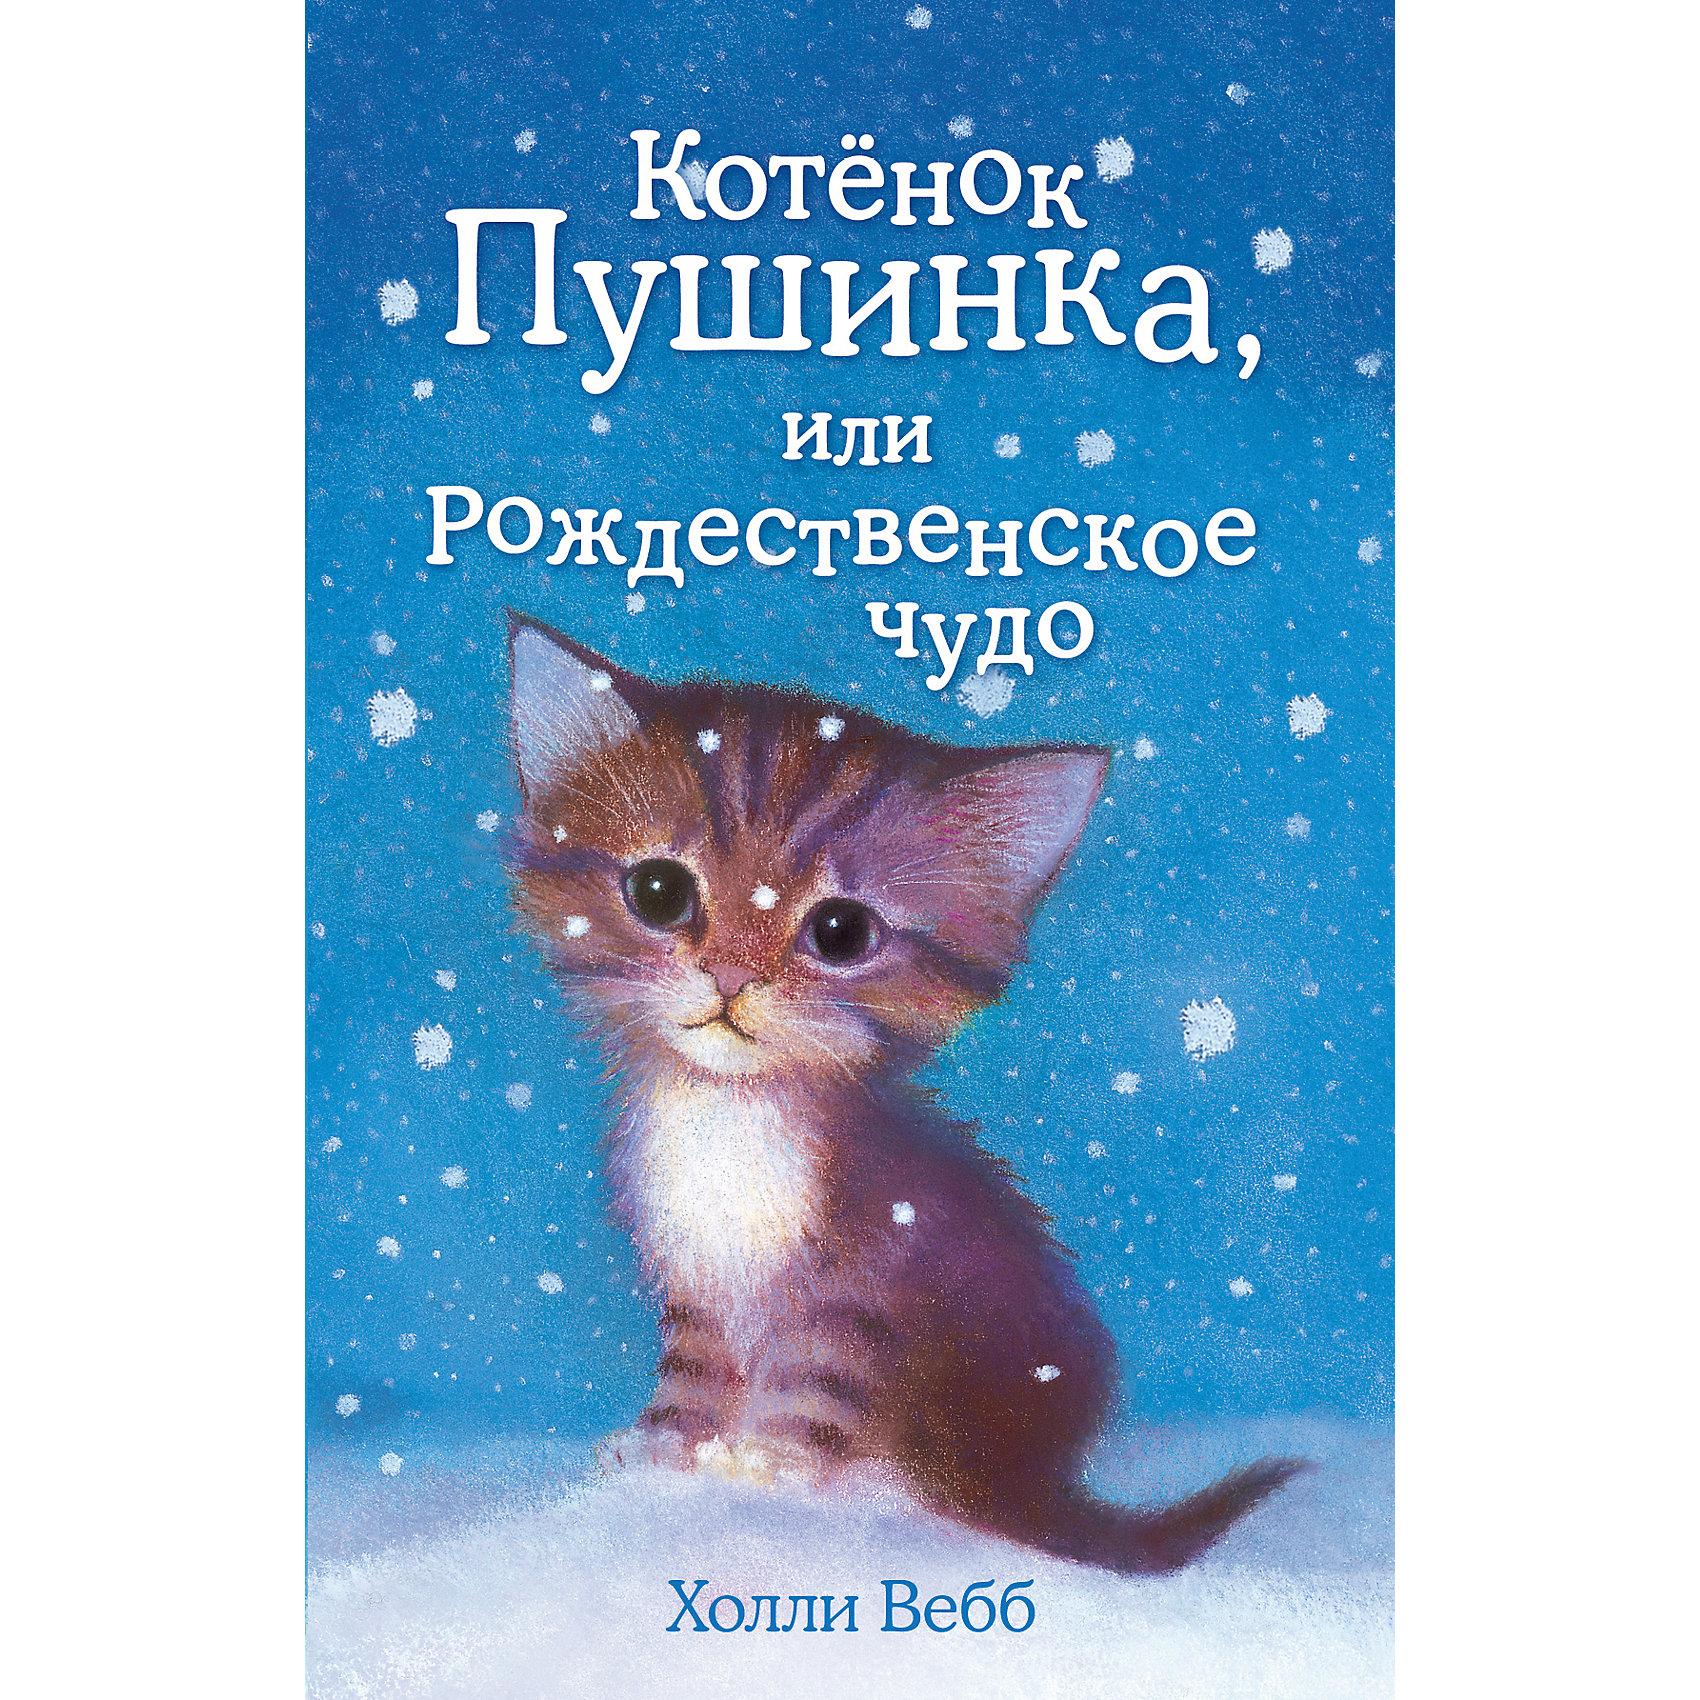 Котёнок Пушинка, или Рождественское чудо, Холли ВеббНовогодние книги<br>Пушинка была робкой и осторожной, поэтому на ферме не удивлялись тому, что у других котят давно появились новые хозяева, а ее так никто не захотел взять. Однажды во дворе остановилась незнакомая машина, из которой вышла тихая скромная девочка. Элла и Пушинка сразу понравились друг другу, но мама девочки не разрешила взять в дом котенка. Элле пришлось уехать, а Пушинка снова осталась одна. Тоска по девочке была такой сильной, что кошечка решила пуститься на ее поиски. Только вот она совсем не ожидала, что мир окажется таким огромным. Сможет ли Пушинка найти Эллу, ведь она даже не знает, где та живет? <br><br>Дополнительная информация:<br><br>- Автор: Холли Вебб.<br>- Художник: Вильямс Софи<br>- Переводчик: Лебедева Н.<br>- Количество страниц: 144<br>- Формат: 20,7х13,3 см. <br>- Переплет: твердый.<br>- Иллюстрации: черно-белые.<br><br>Книгу Котёнок  Пушинка, или рождественское чудо, Холли Вебб, можно купить в нашем магазине.<br><br>Ширина мм: 207<br>Глубина мм: 133<br>Высота мм: 13<br>Вес г: 264<br>Возраст от месяцев: 36<br>Возраст до месяцев: 72<br>Пол: Унисекс<br>Возраст: Детский<br>SKU: 4298976